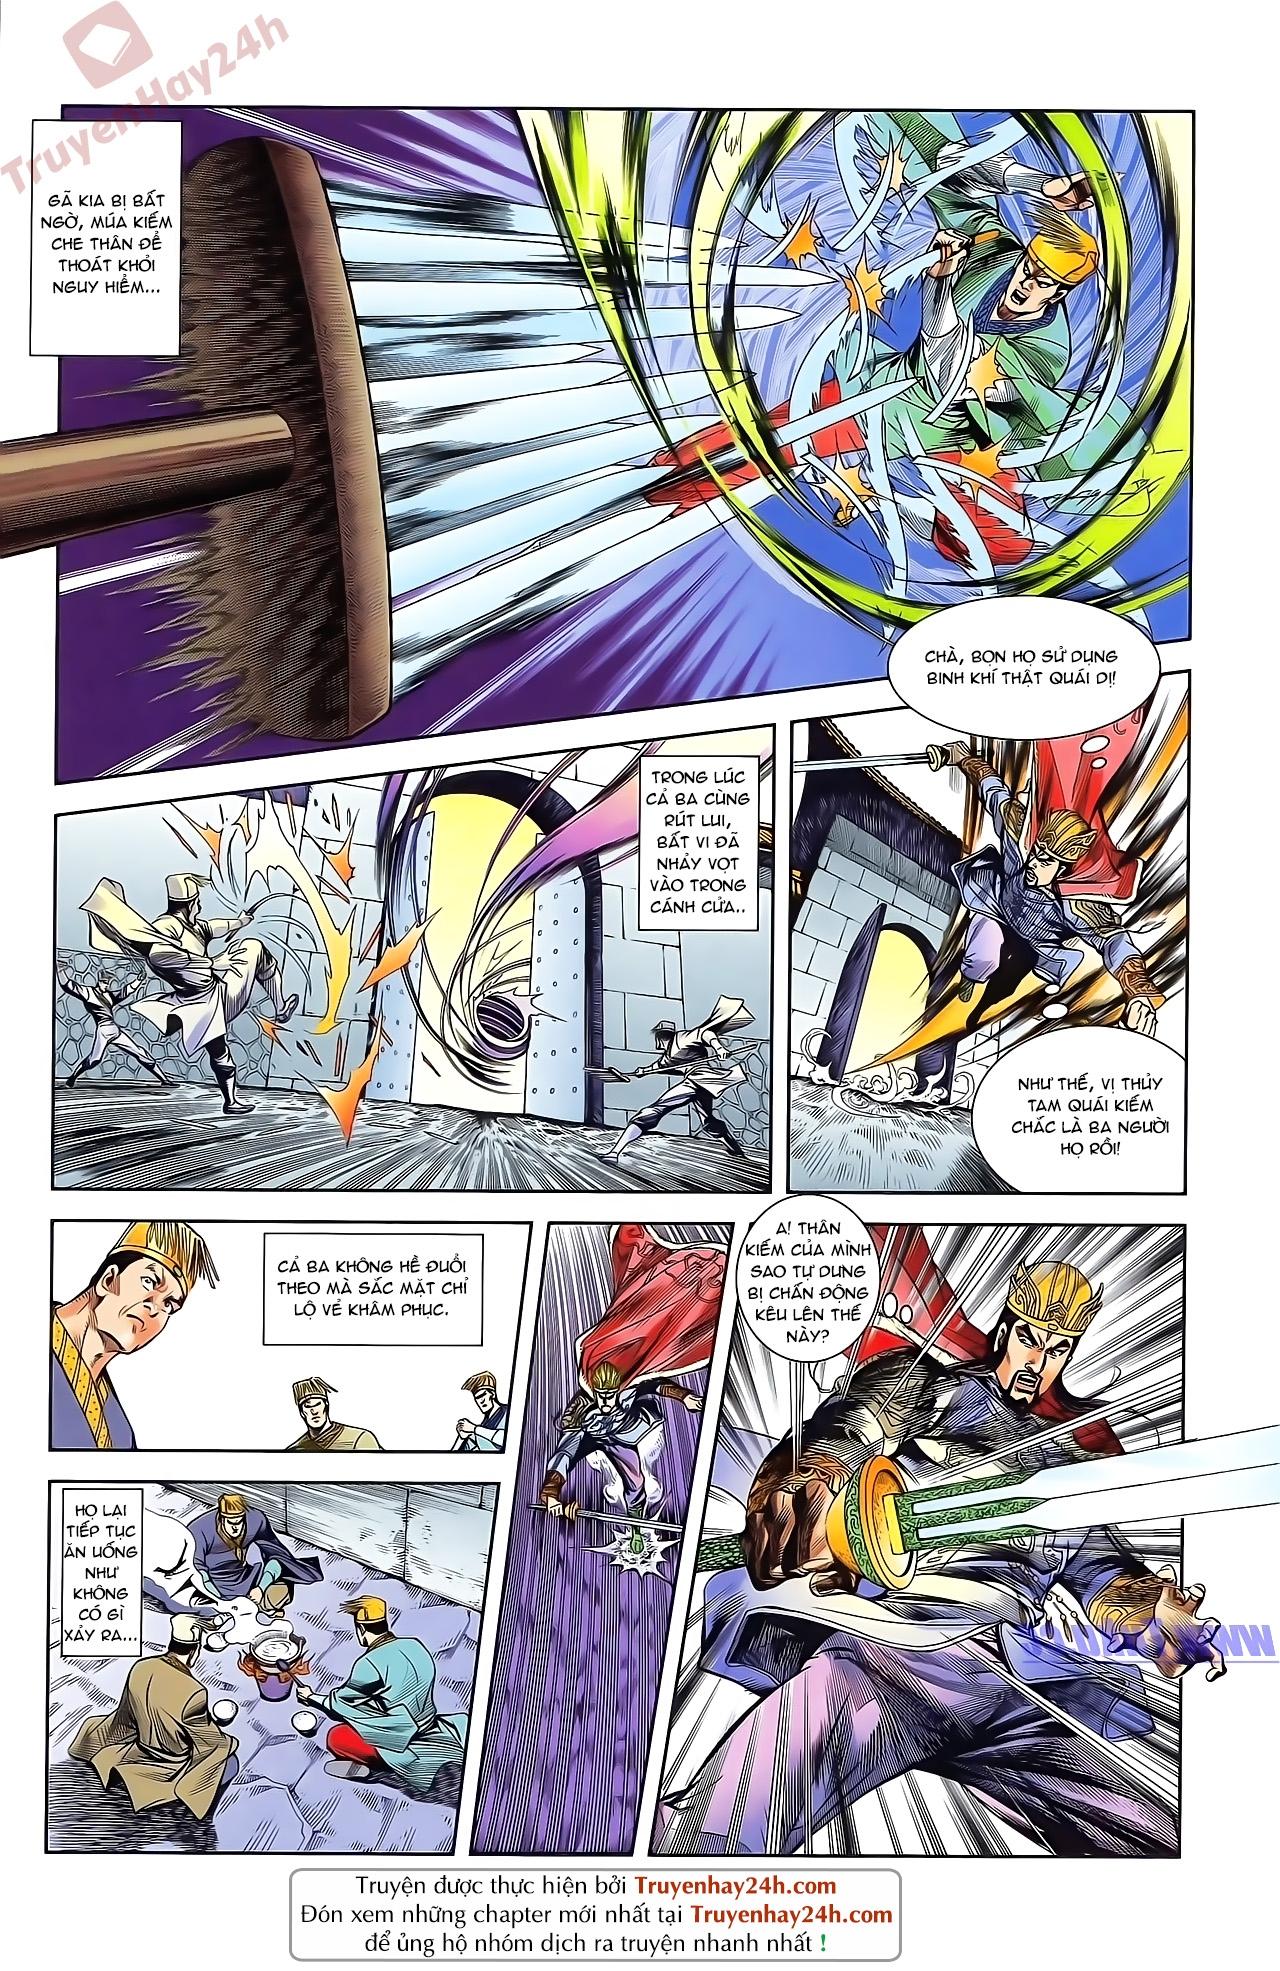 Tần Vương Doanh Chính chapter 48 trang 4